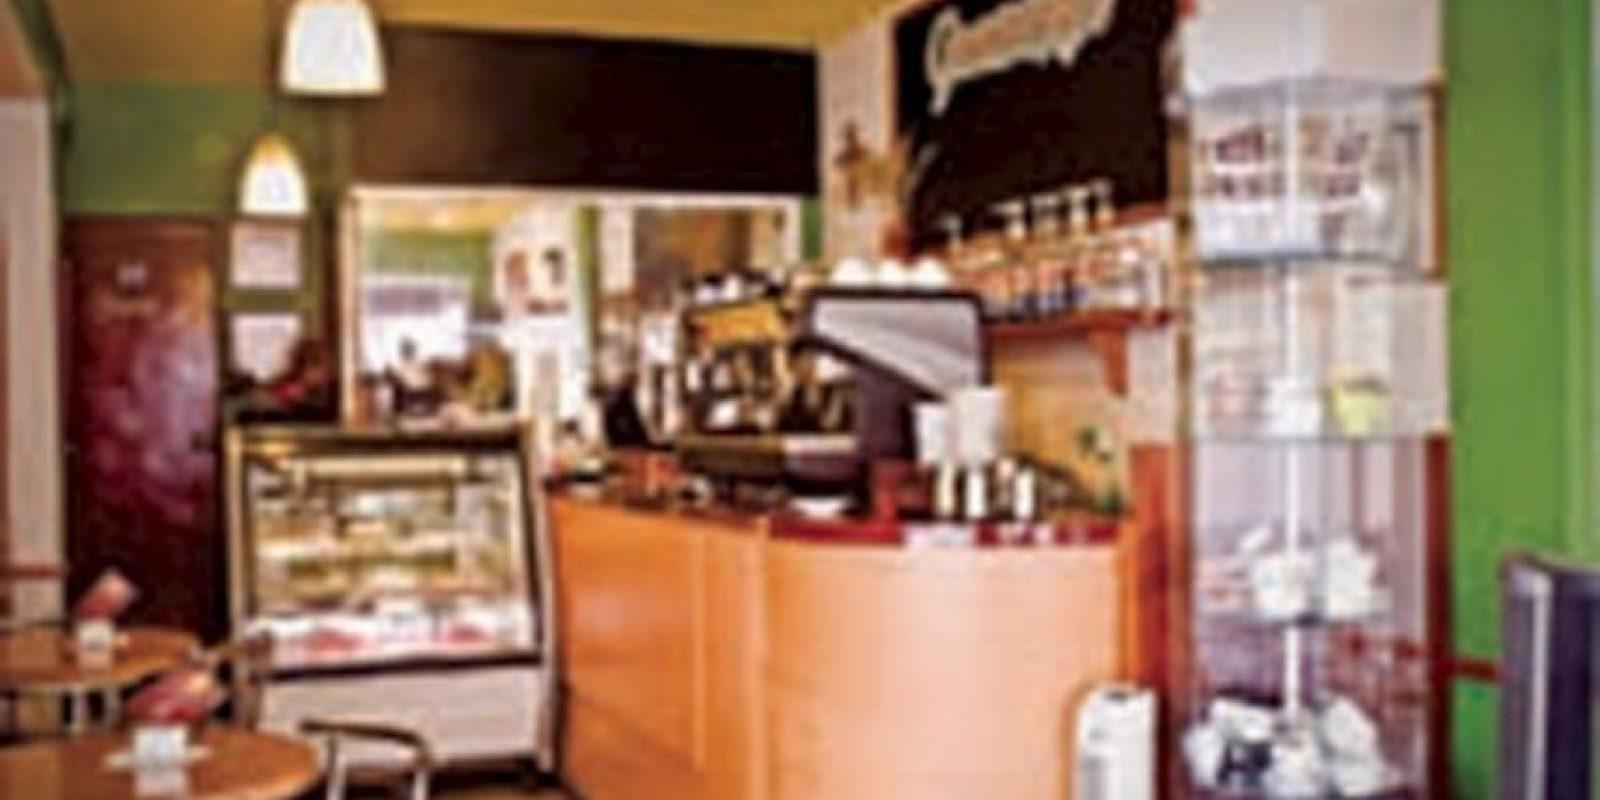 STO SÍ K M LTE. Café Gradios. Hay un pequeño local en pleno Centro Histórico, donde lo primero que sobresale es la enorme cafetera para el capuchino, una de las especialidades, que es servido al estilo italiano y que le llaman latte macchiato. Luis Moya 115, Col. Centro Histórico, Tel. 5518 8553 Foto:Café Gradios/Foto: cortesía